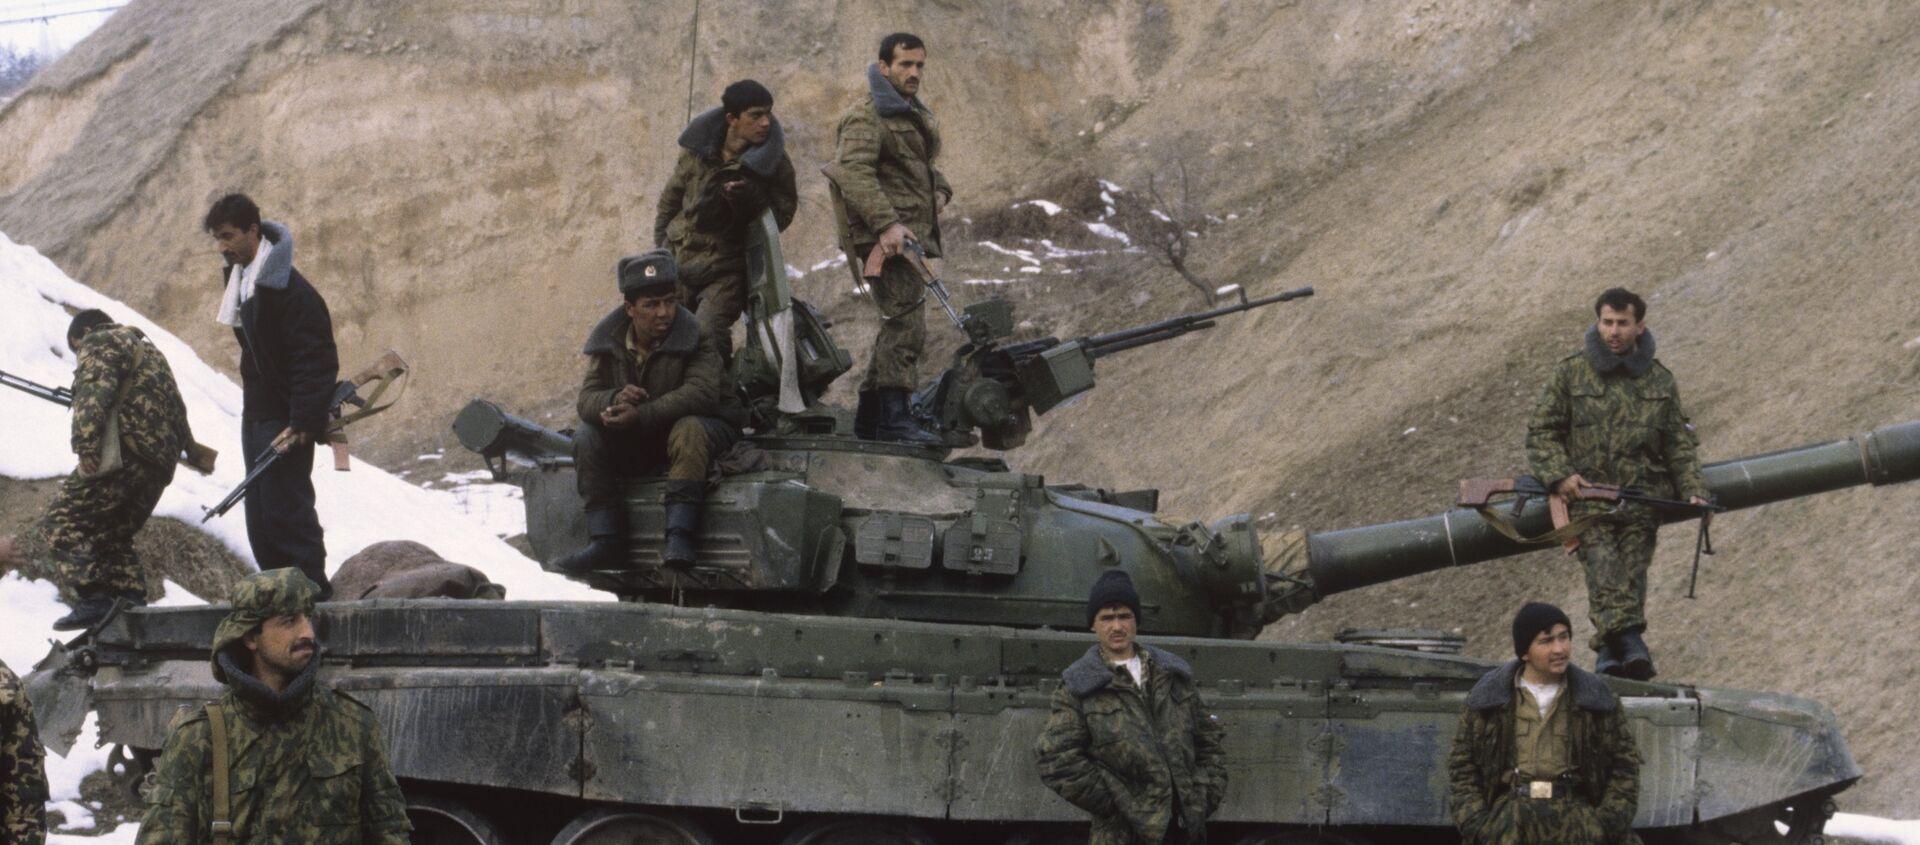 Гражданская война в Таджикистане - Sputnik Тоҷикистон, 1920, 22.02.2021